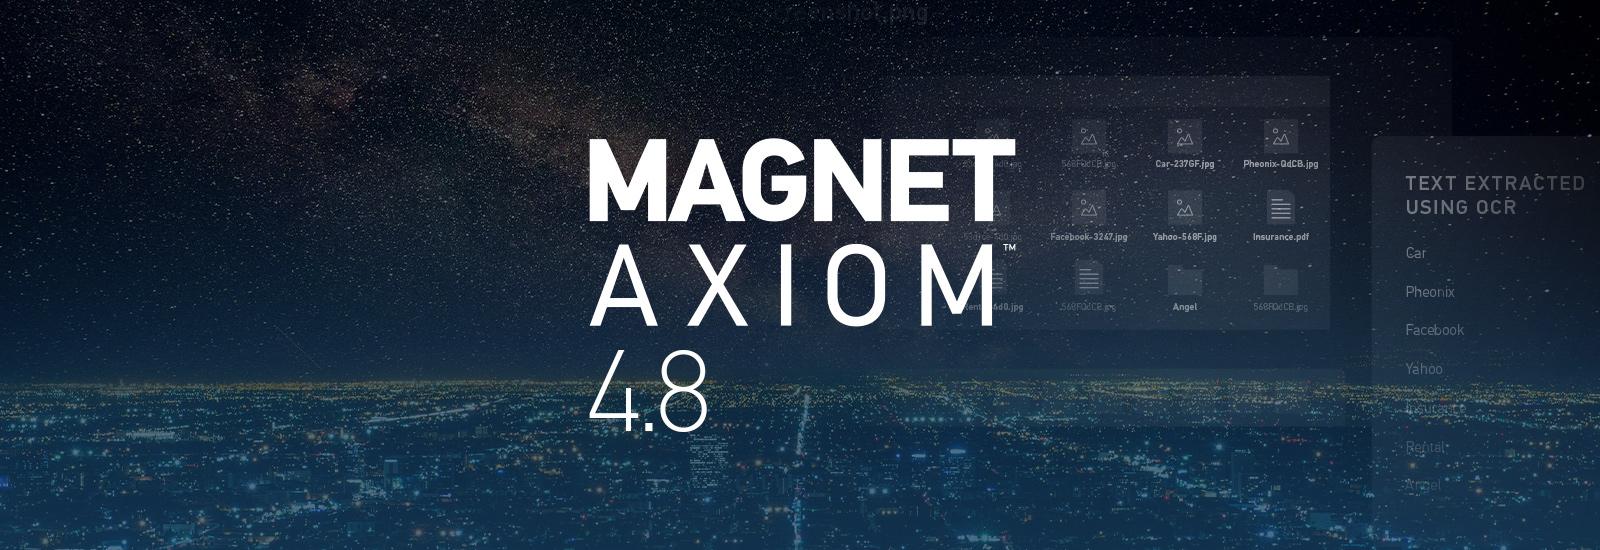 Magnet AXIOM 4.8 y Magnet Cyber 4.8 ya disponibles.